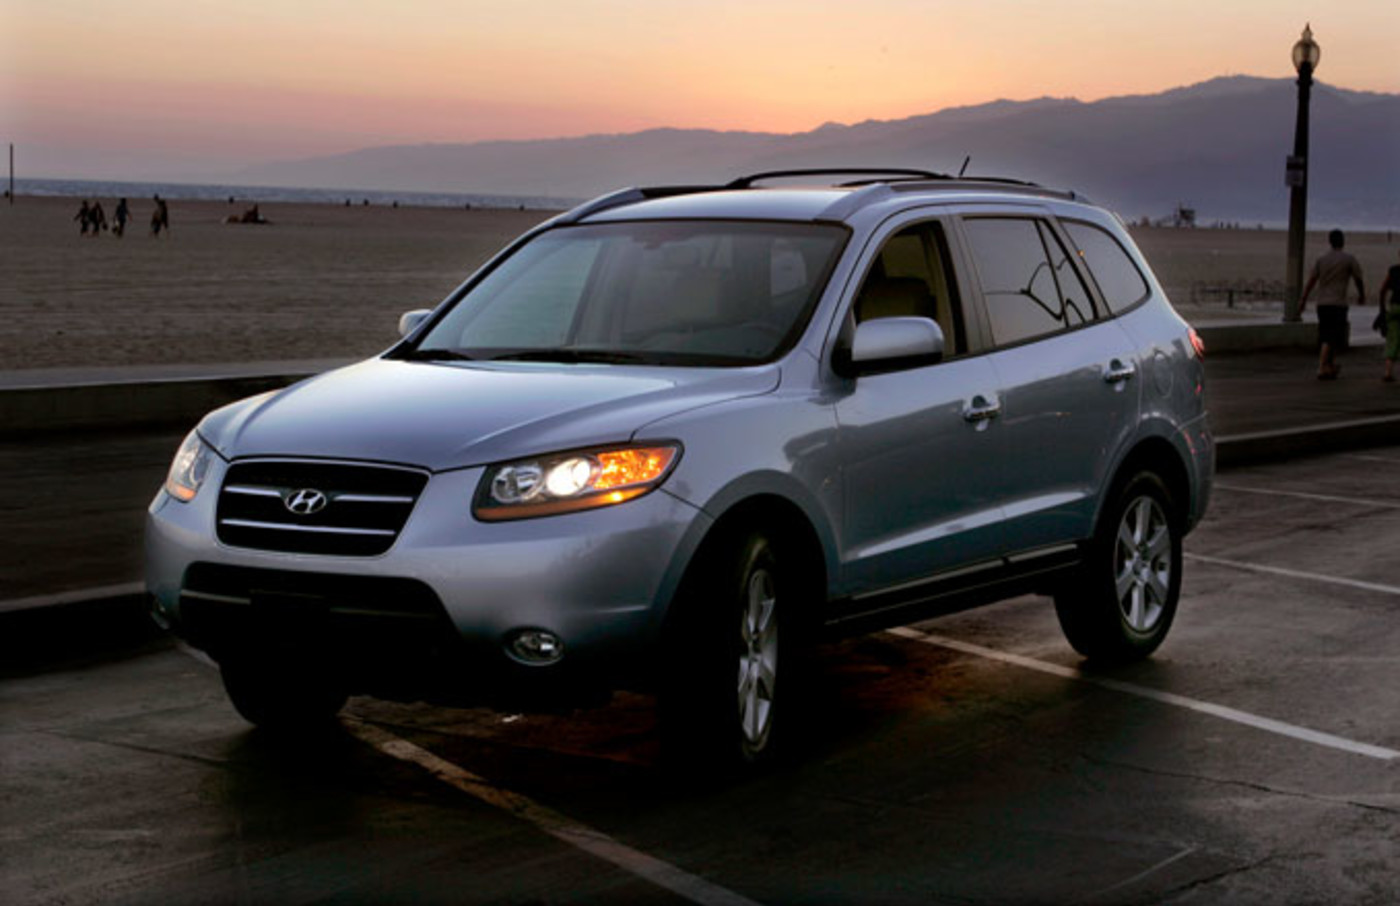 A Hyundai Santa Fe